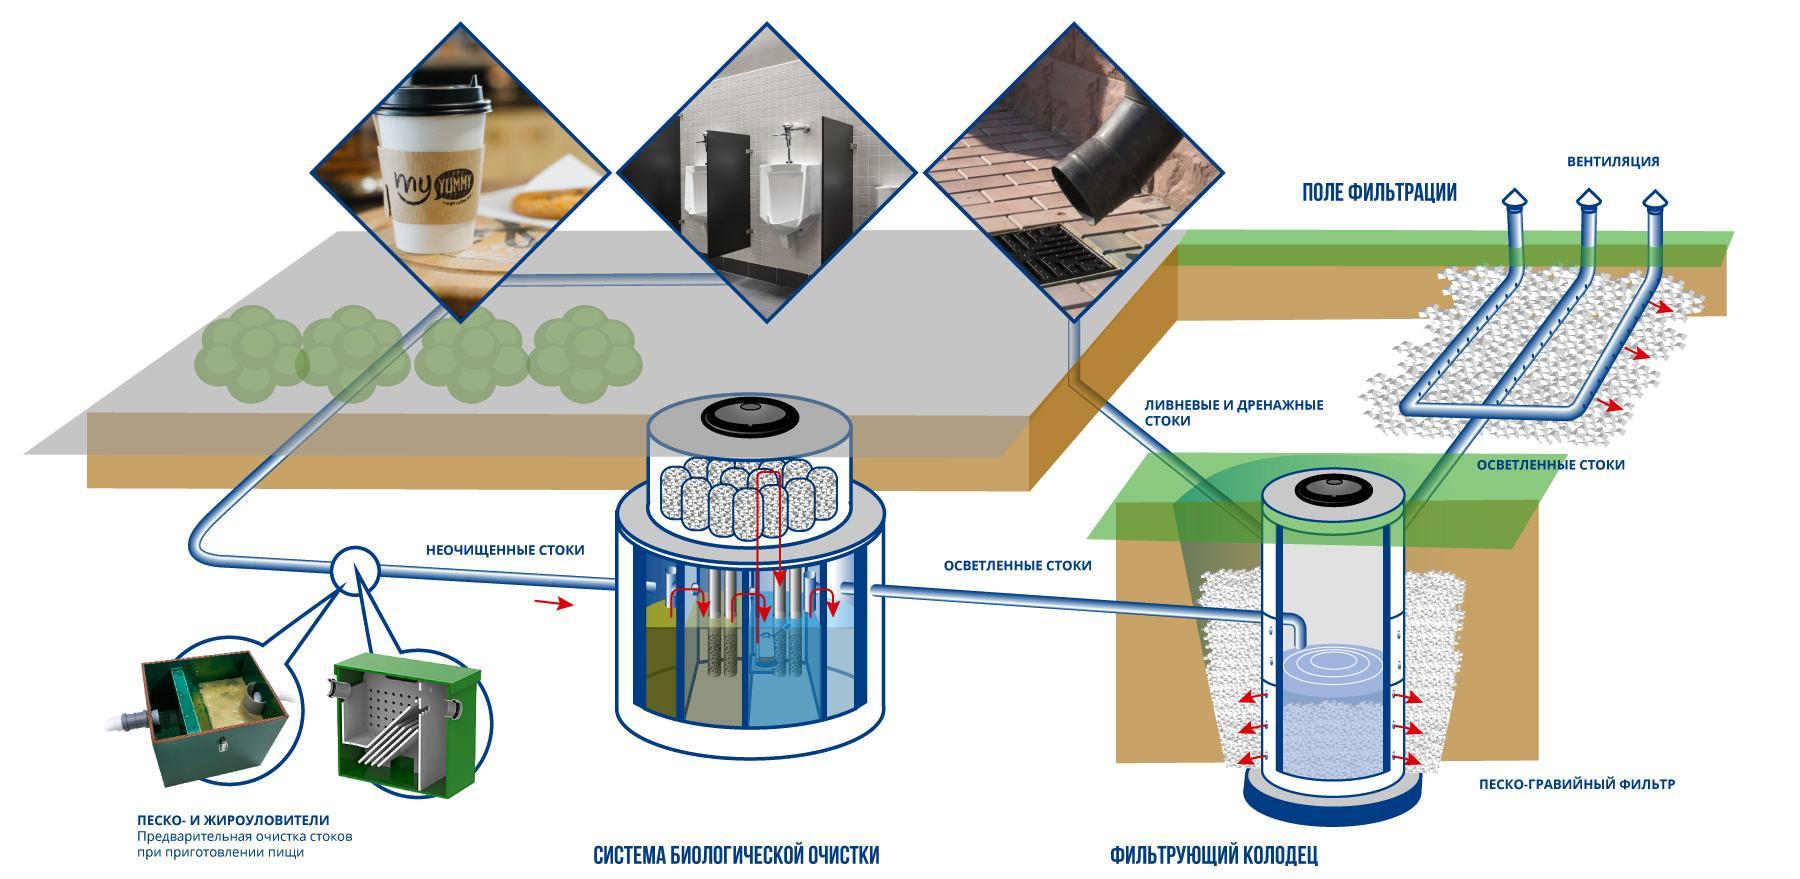 Системы централизованной и автономной канализации в торговом центре, магазине, на предприятиях бытового обслуживания